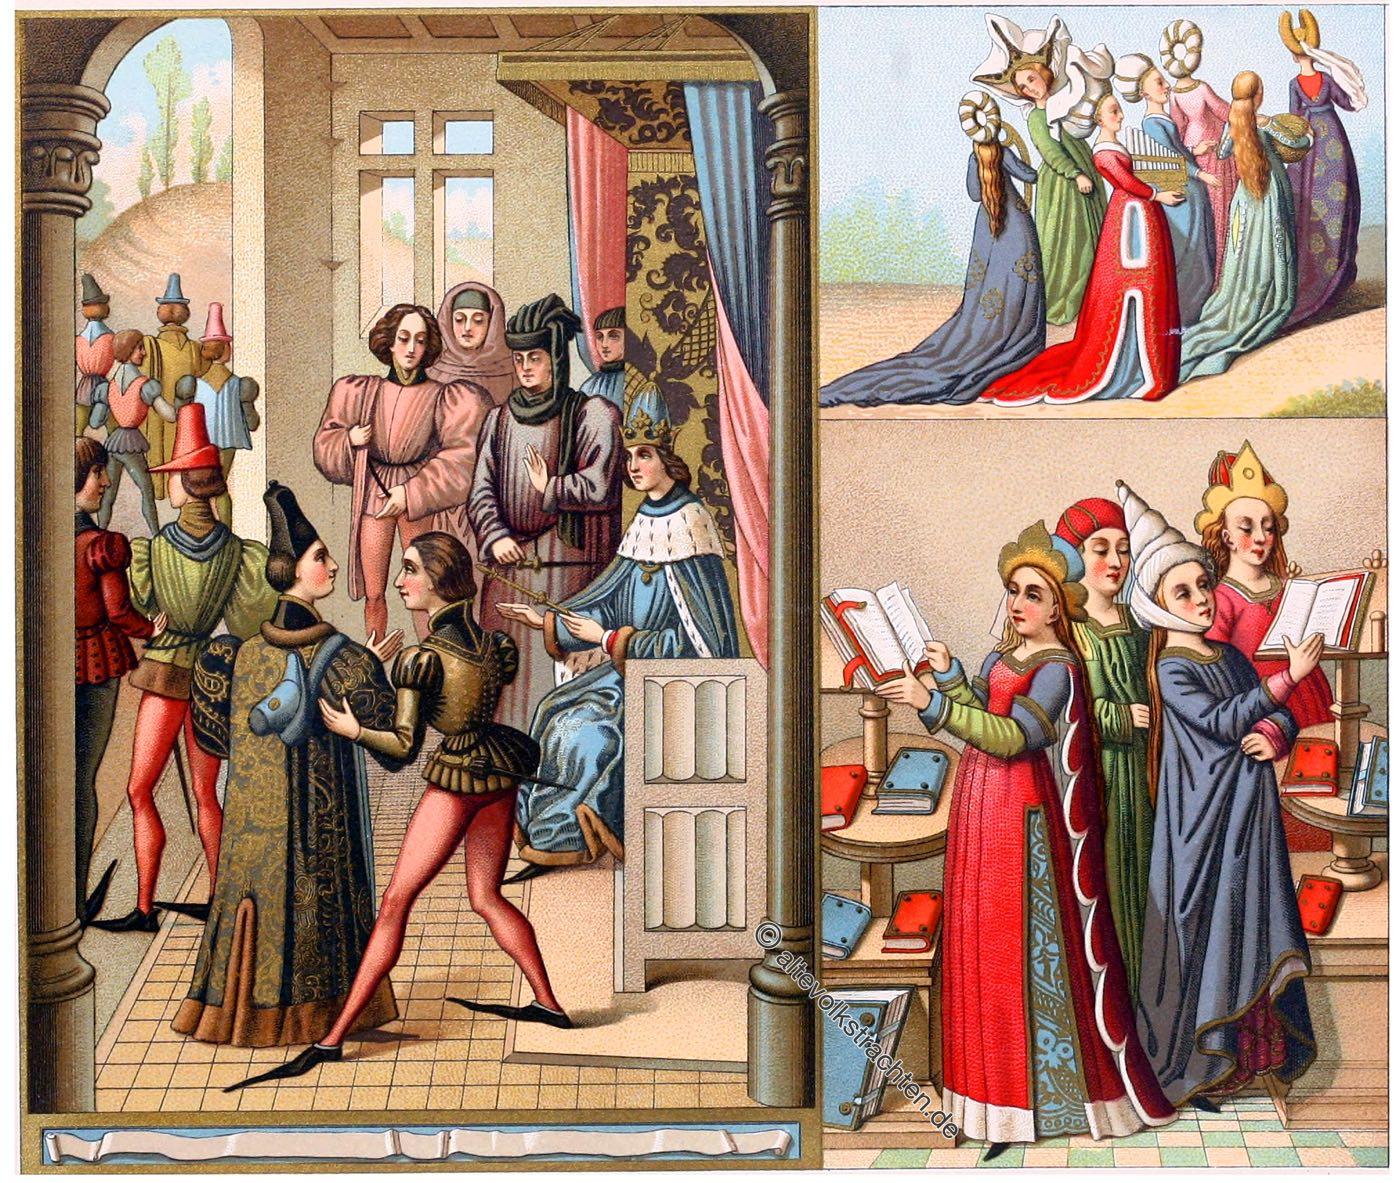 Kostüme, Gewandung, Frauentrachten, Hennin, Mittelalter, Frankreich, Froissart